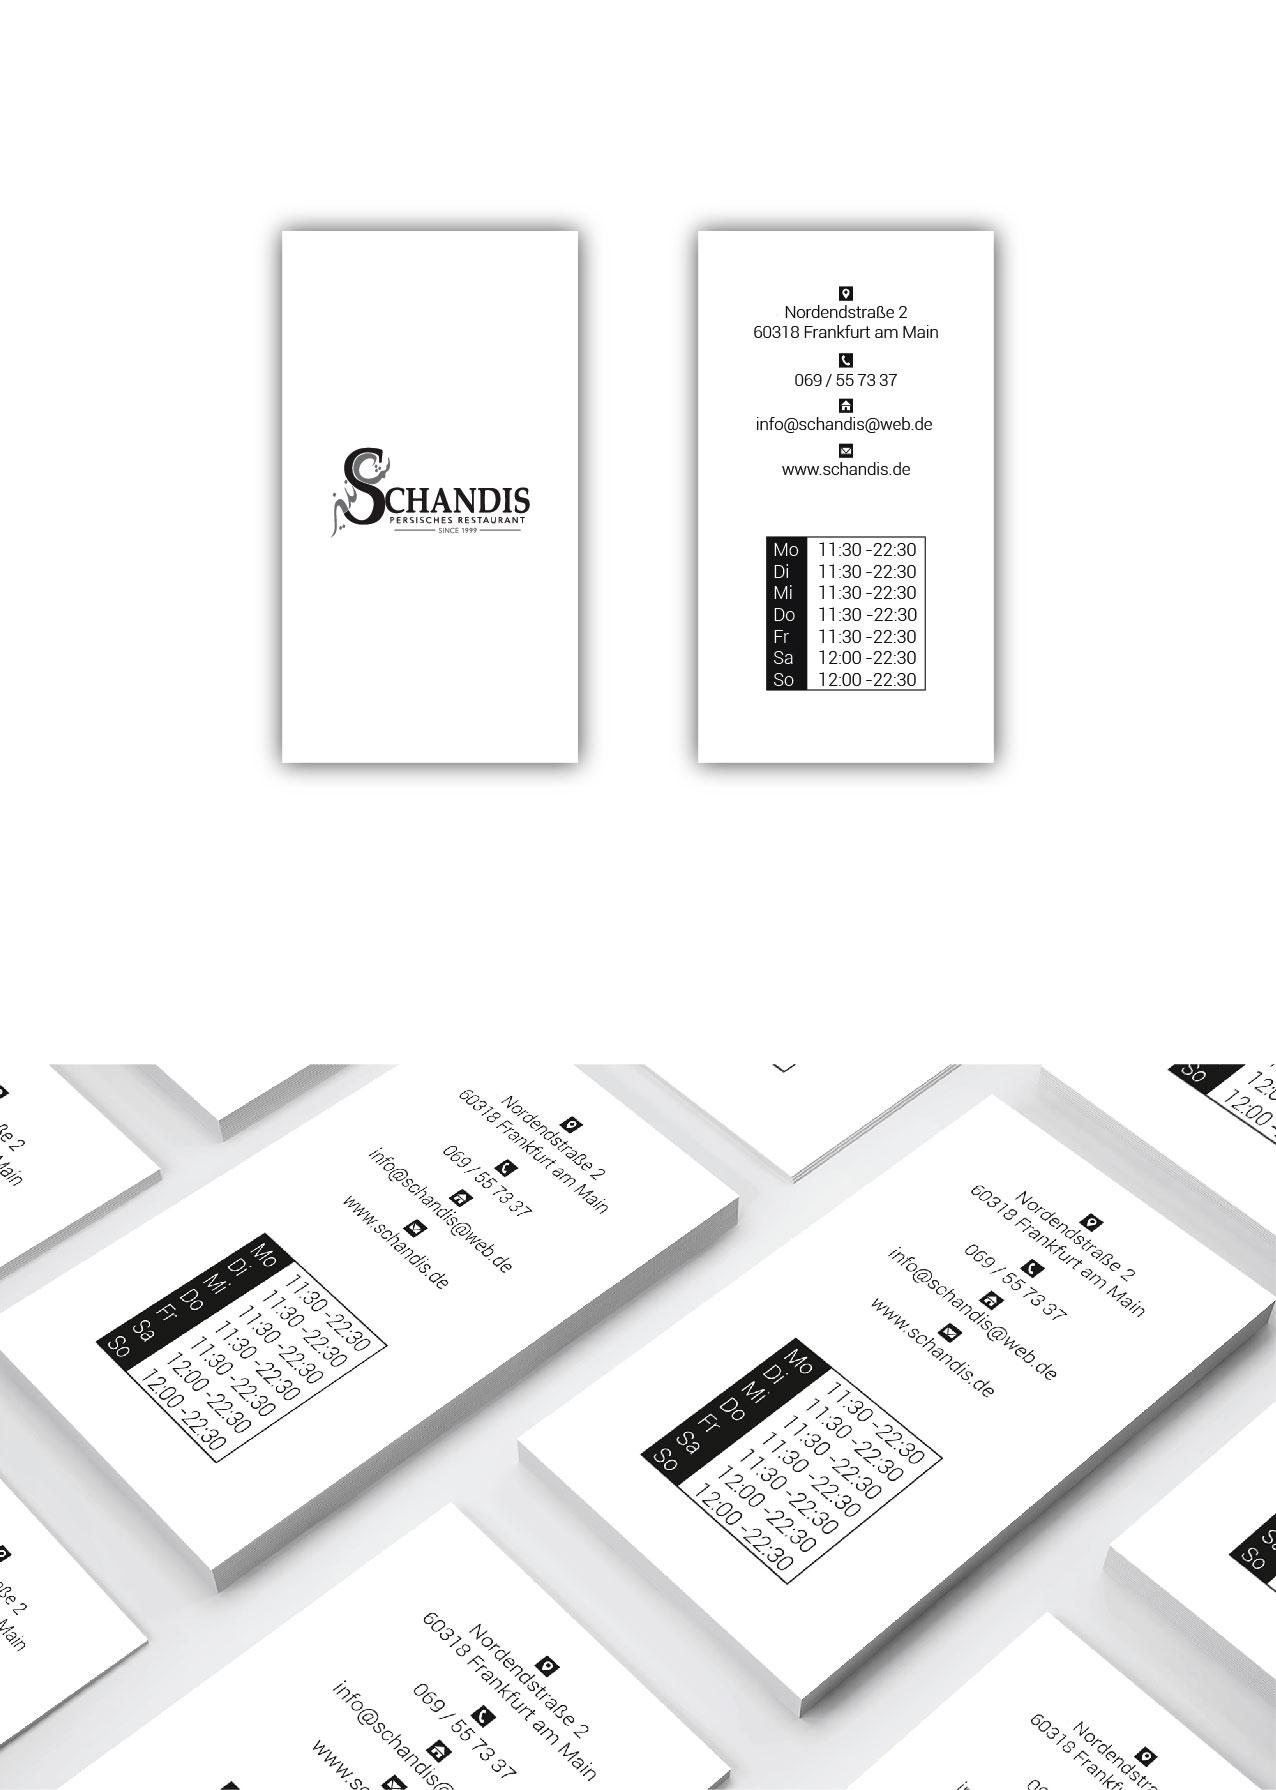 design #13 of Schroeder Design